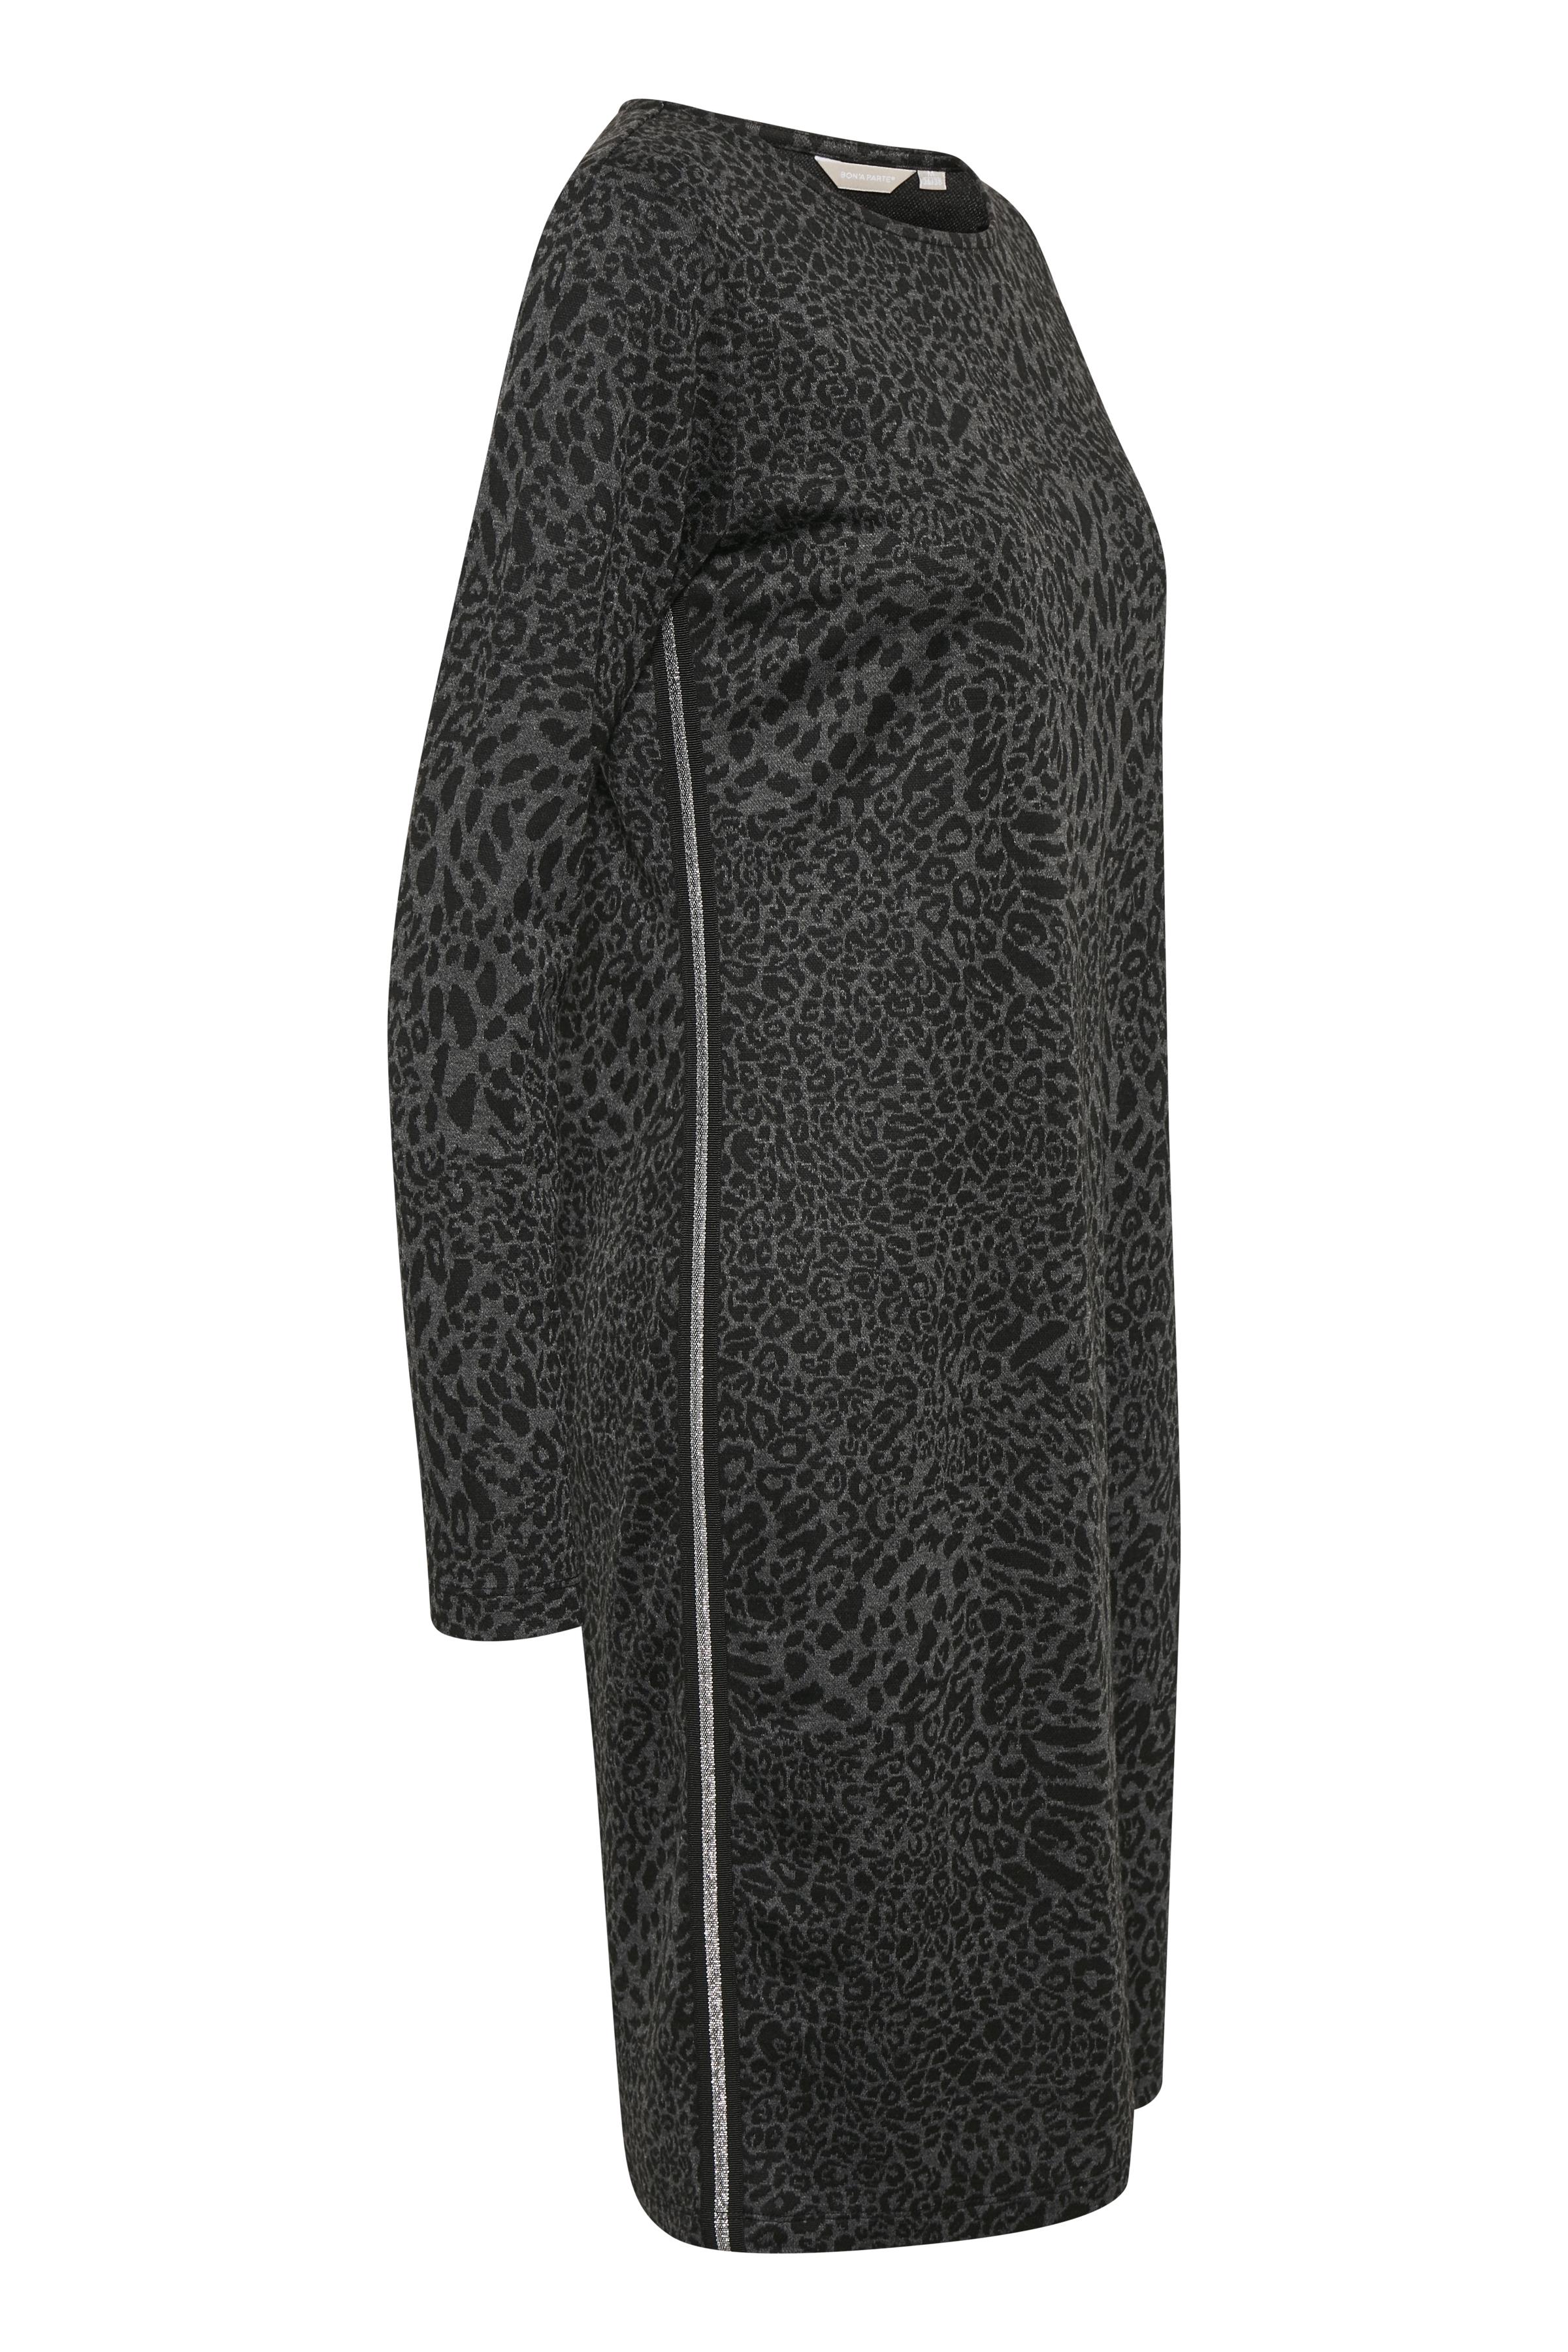 Sort/grå Strikkjole fra Bon'A Parte – Køb Sort/grå Strikkjole fra str. S-2XL her